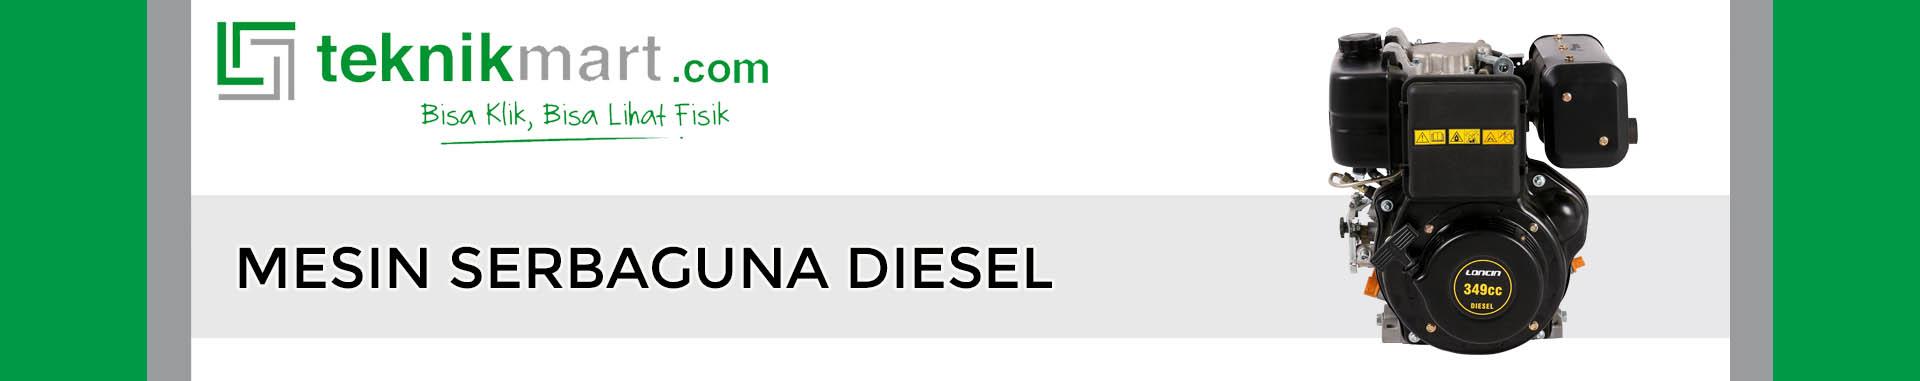 Mesin Serbaguna Diesel